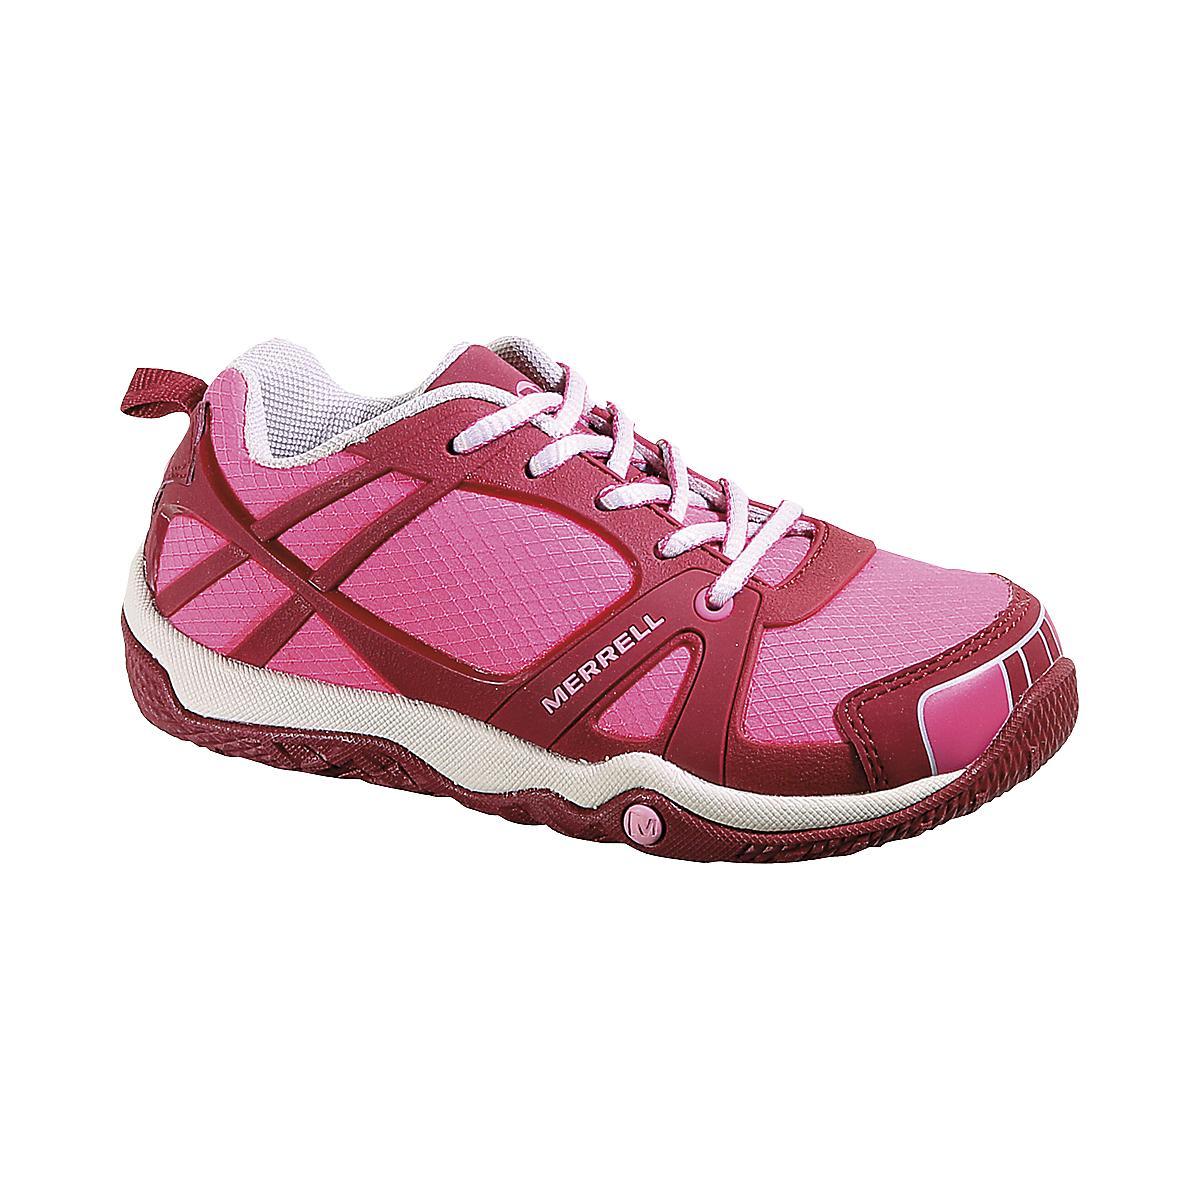 4e4a97d5c9dc Kids Merrell Proterra Sport Trail Running Shoe